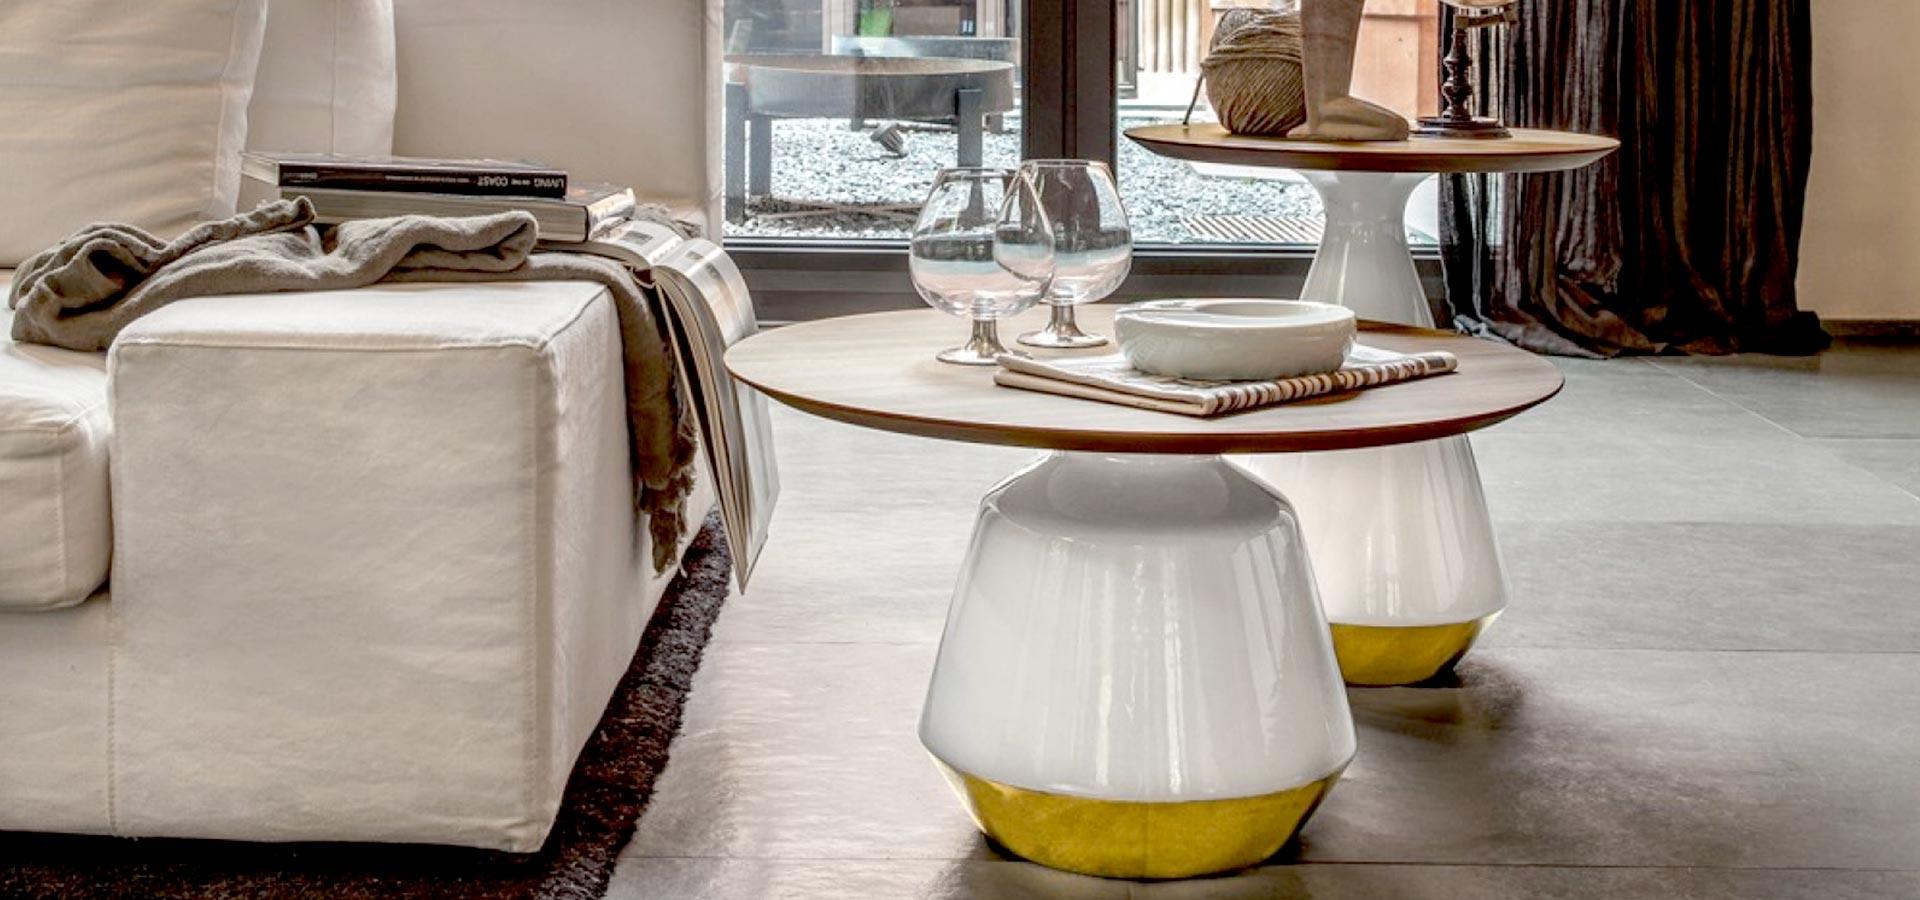 Mesas y mesitas auxiliares de dise o para el lado del sof - Mesita auxiliar sofa ...